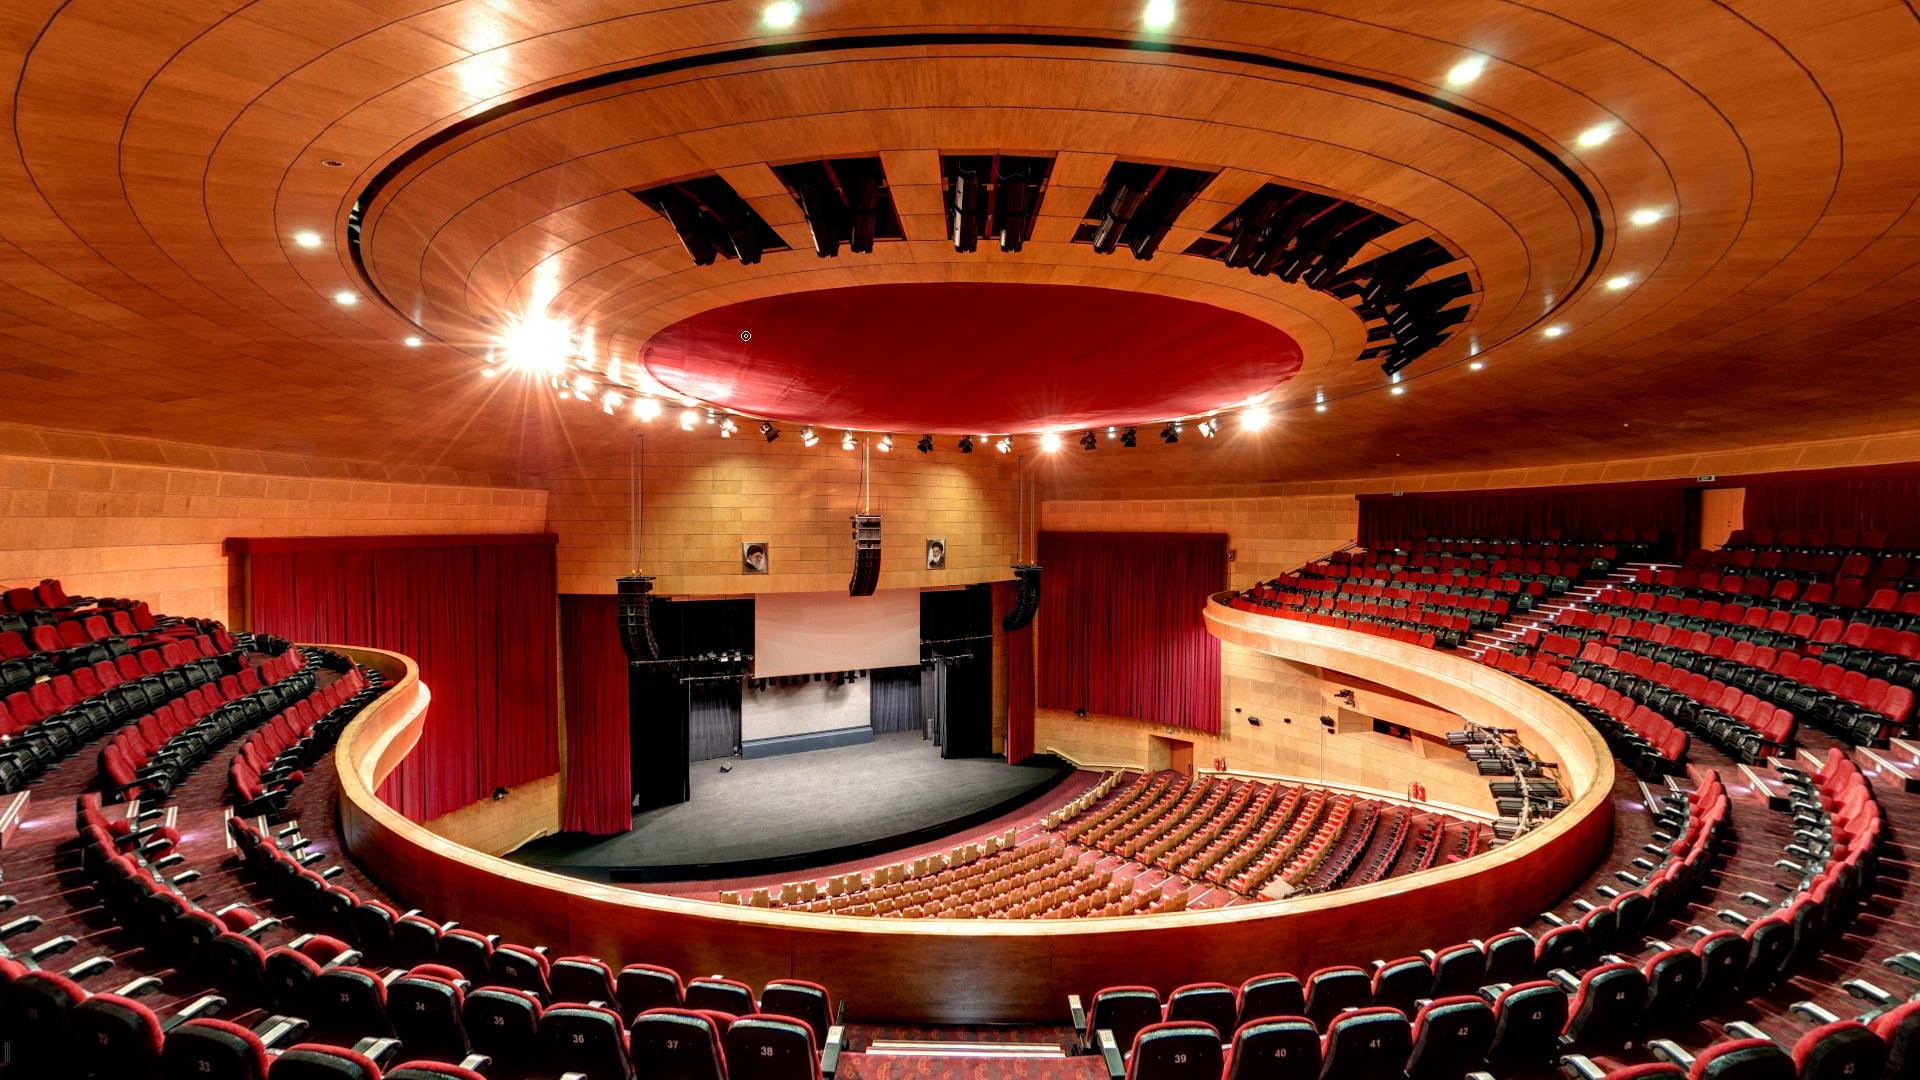 دانلود سالنهای کنسرت سالنهای اجرای کنسرت در تهران